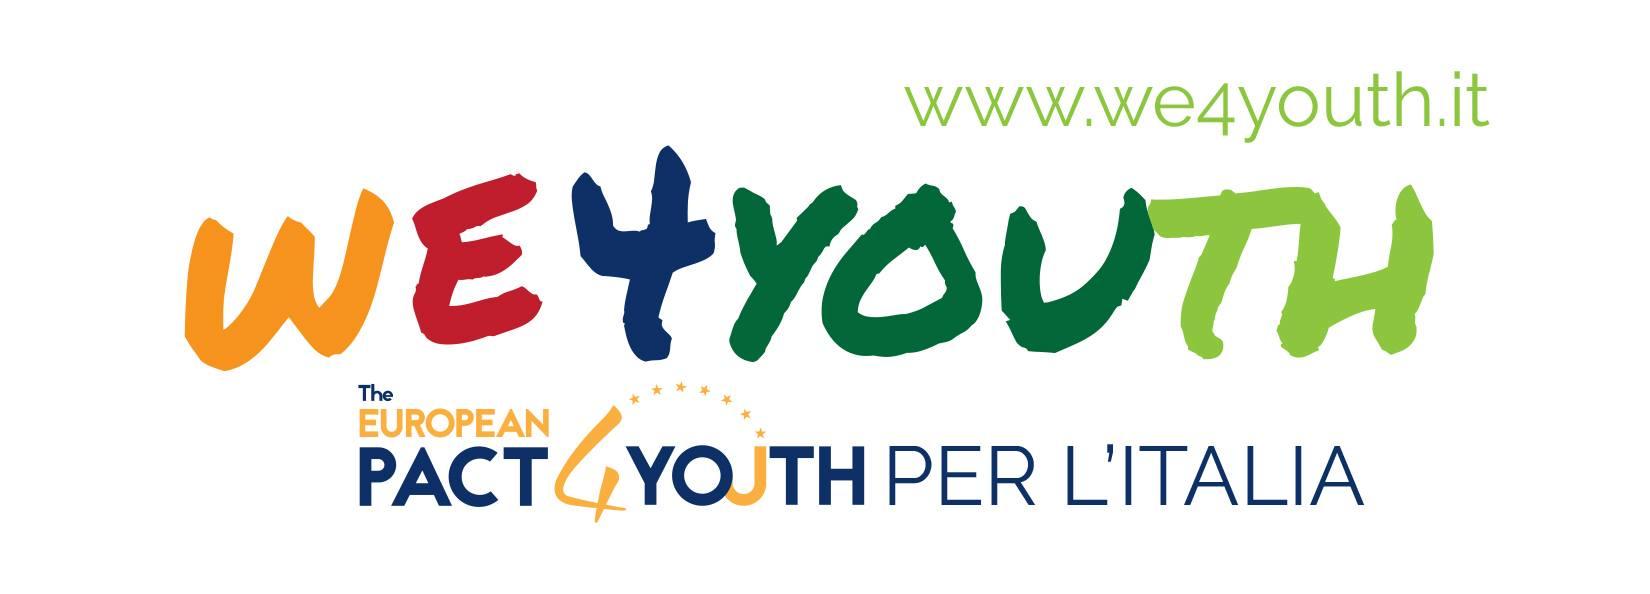 We4Youth: scuola e impresa insieme. Al via la campagna nazionale